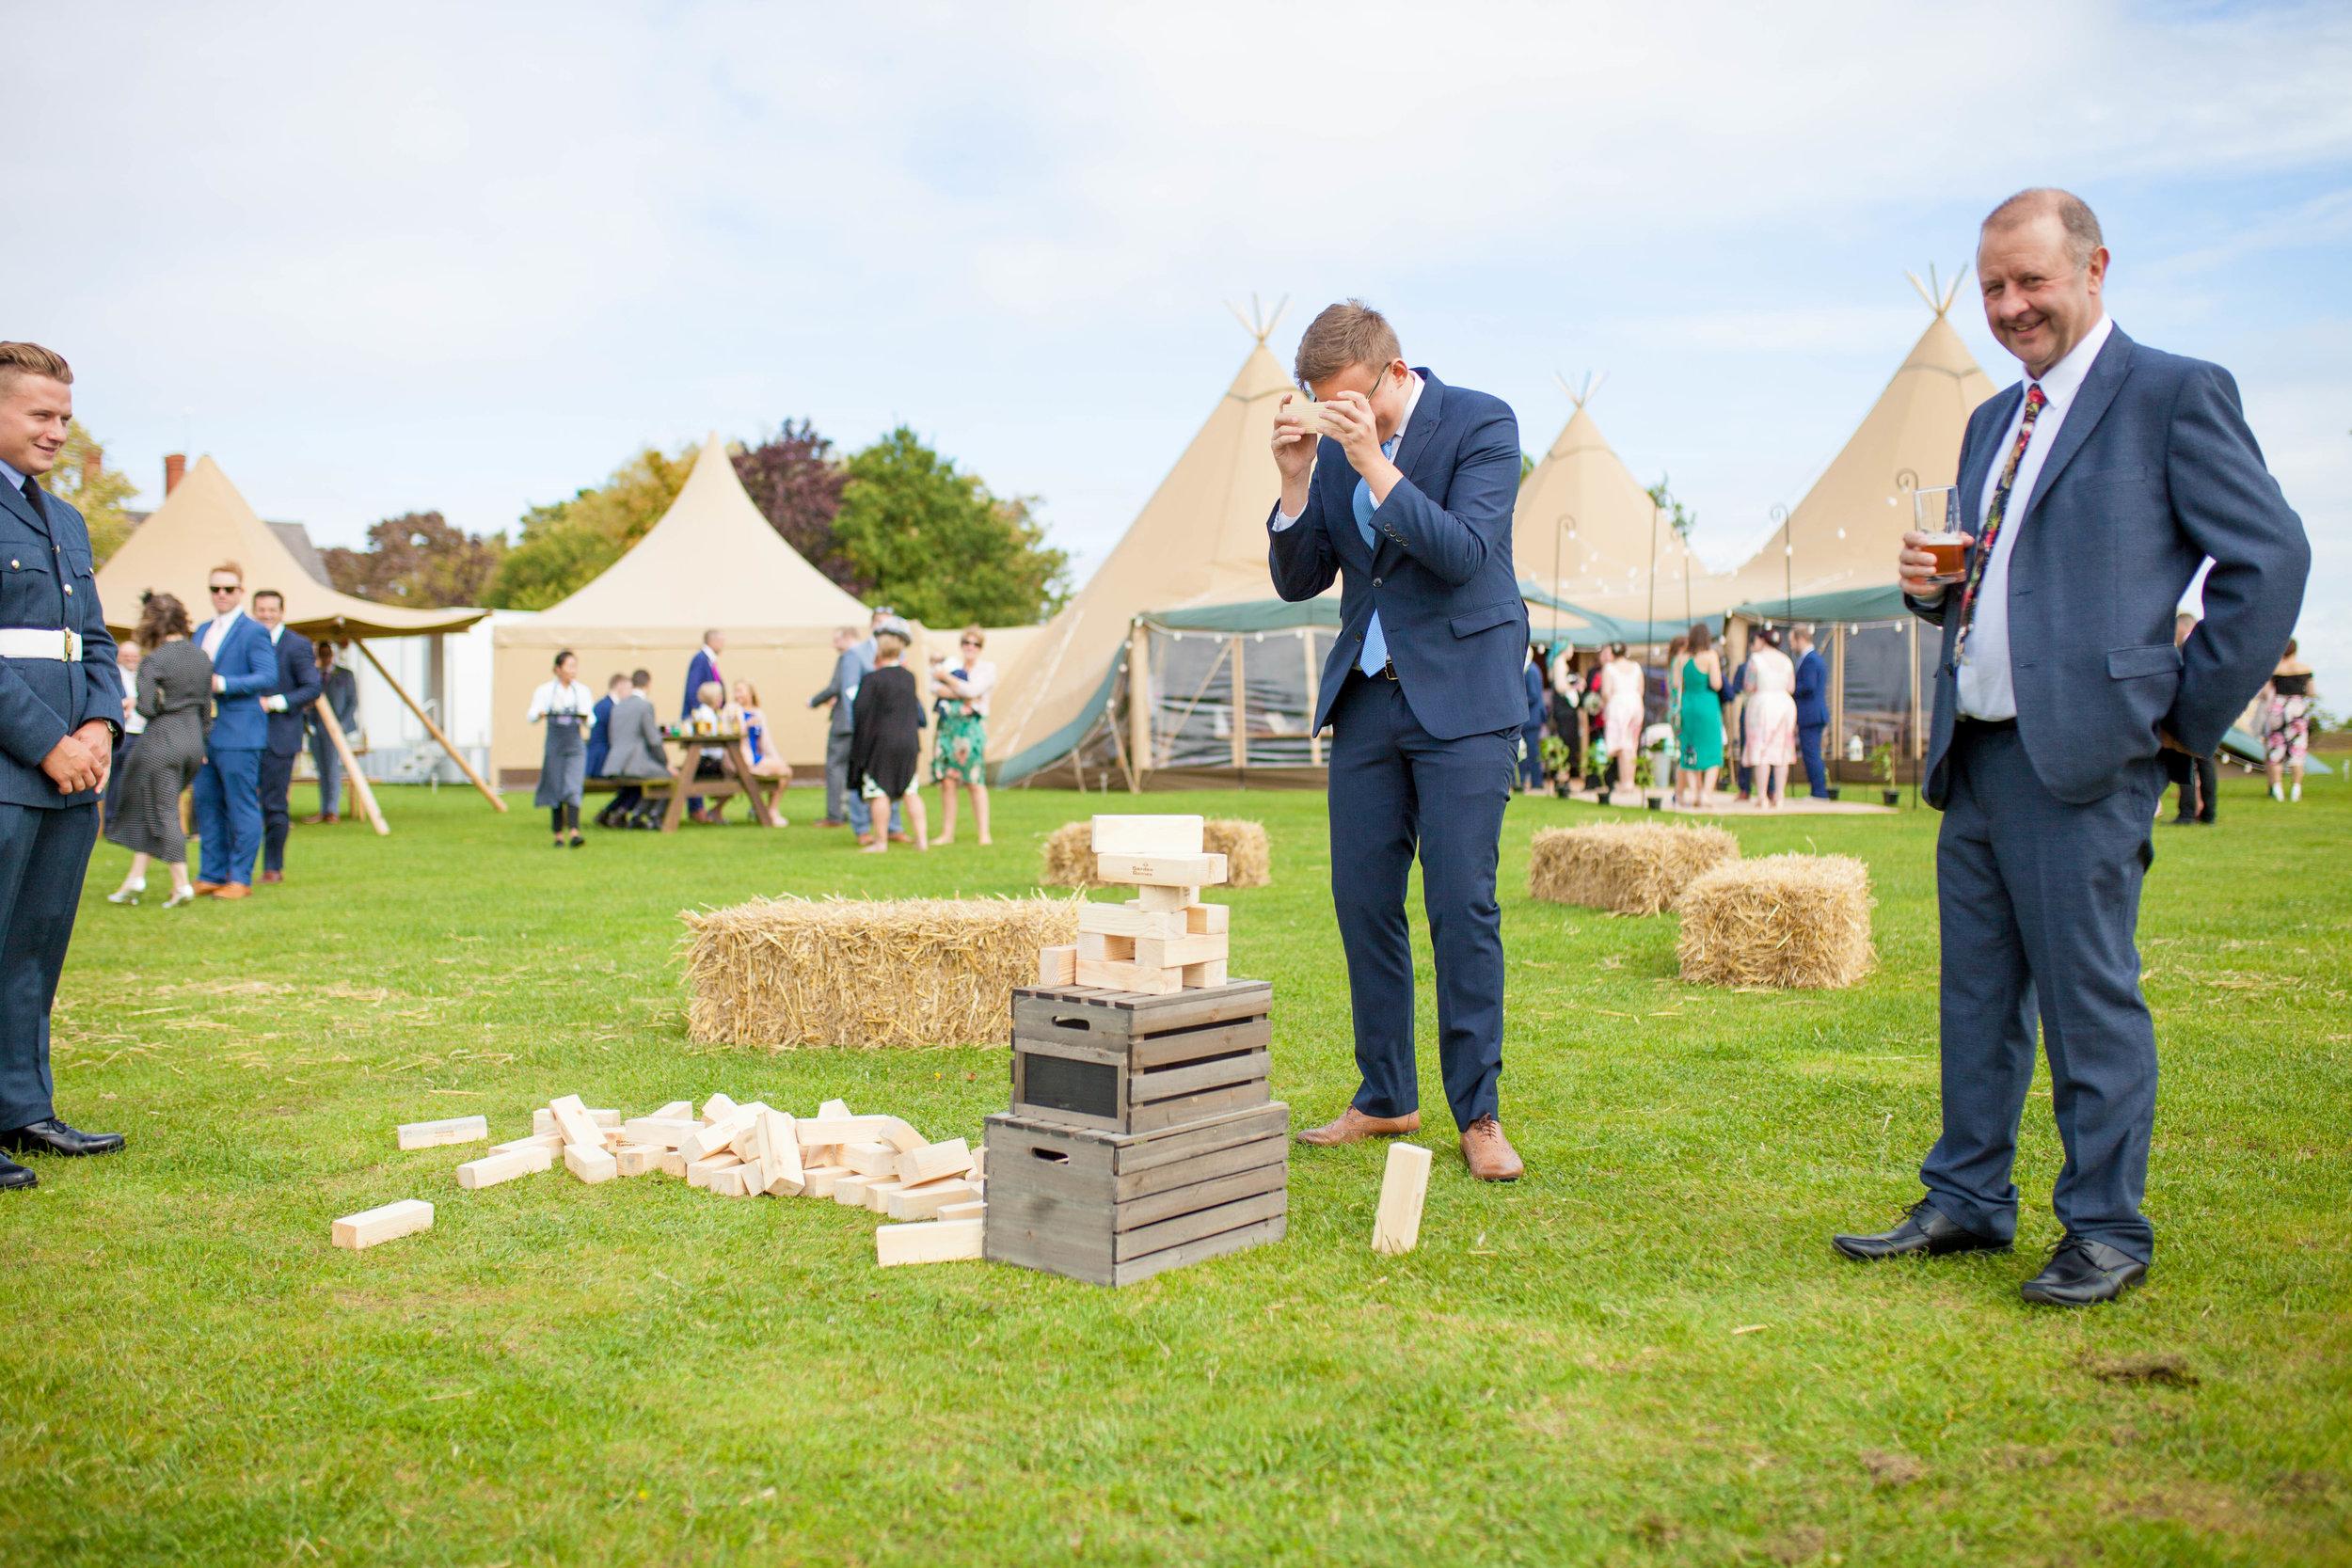 Sywell_Grange_Northampton_Wedding_Nick_Labrum_Photo_Nicola&Ed-317.jpg